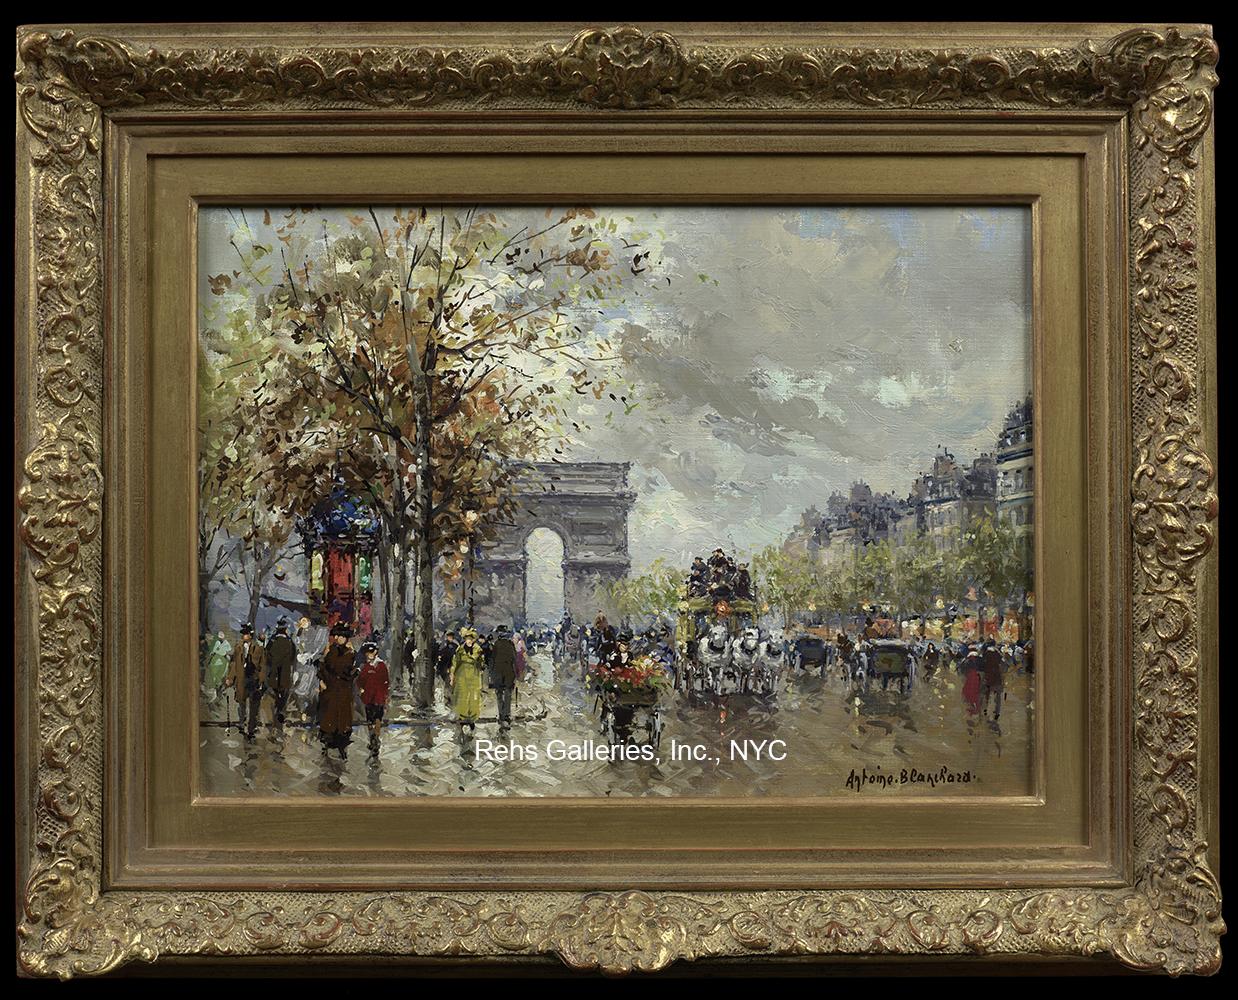 antoine_blanchard_e1360_arc_de_triomphe_framed_wm.jpg